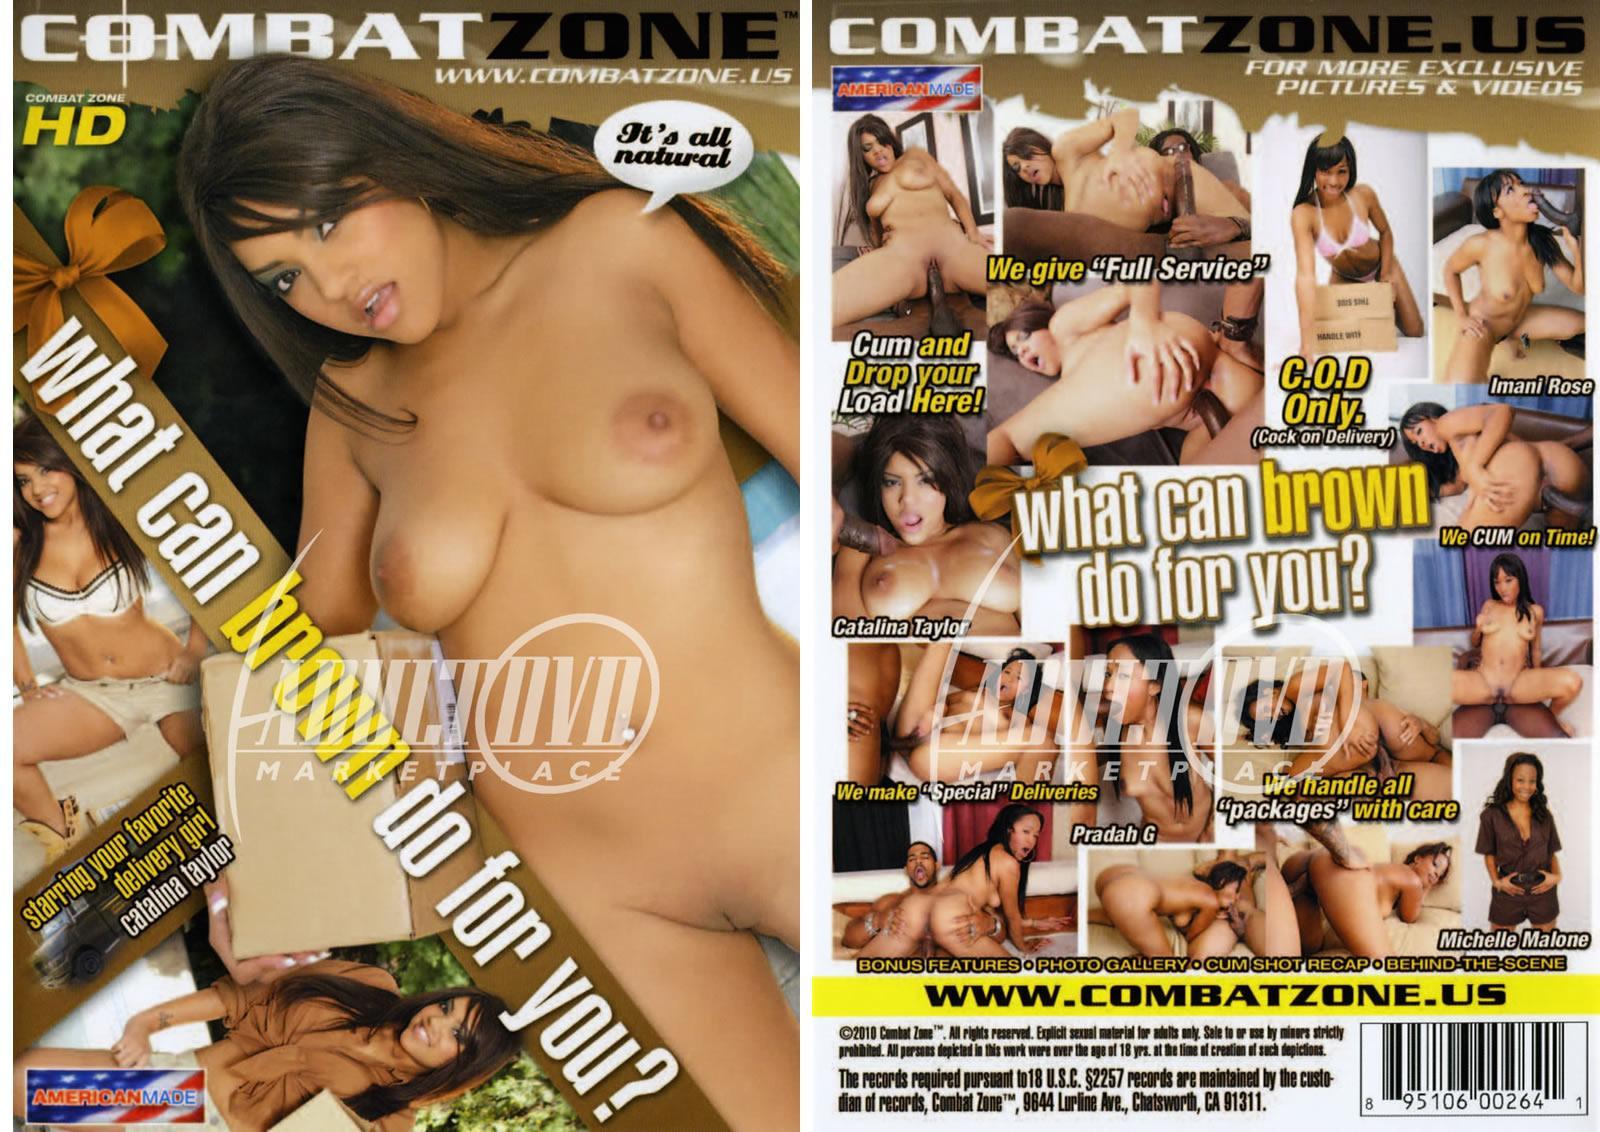 http://3.bp.blogspot.com/_lrSzOq47QUg/S7JDDcxtJdI/AAAAAAAAATQ/aFigF1trGes/s1600/1.jpg